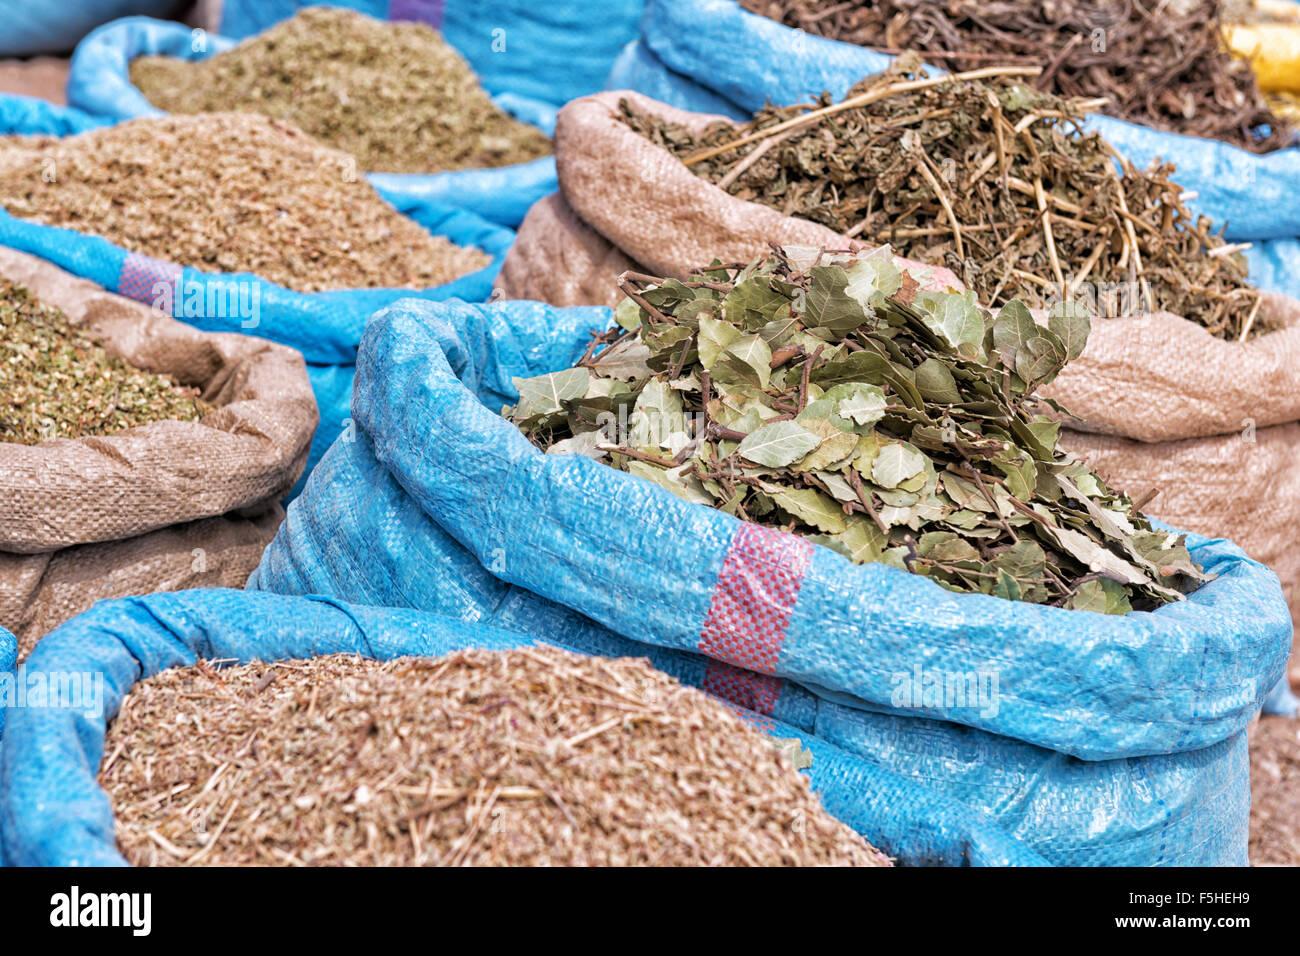 Herbes et épices au marché. Photo Stock